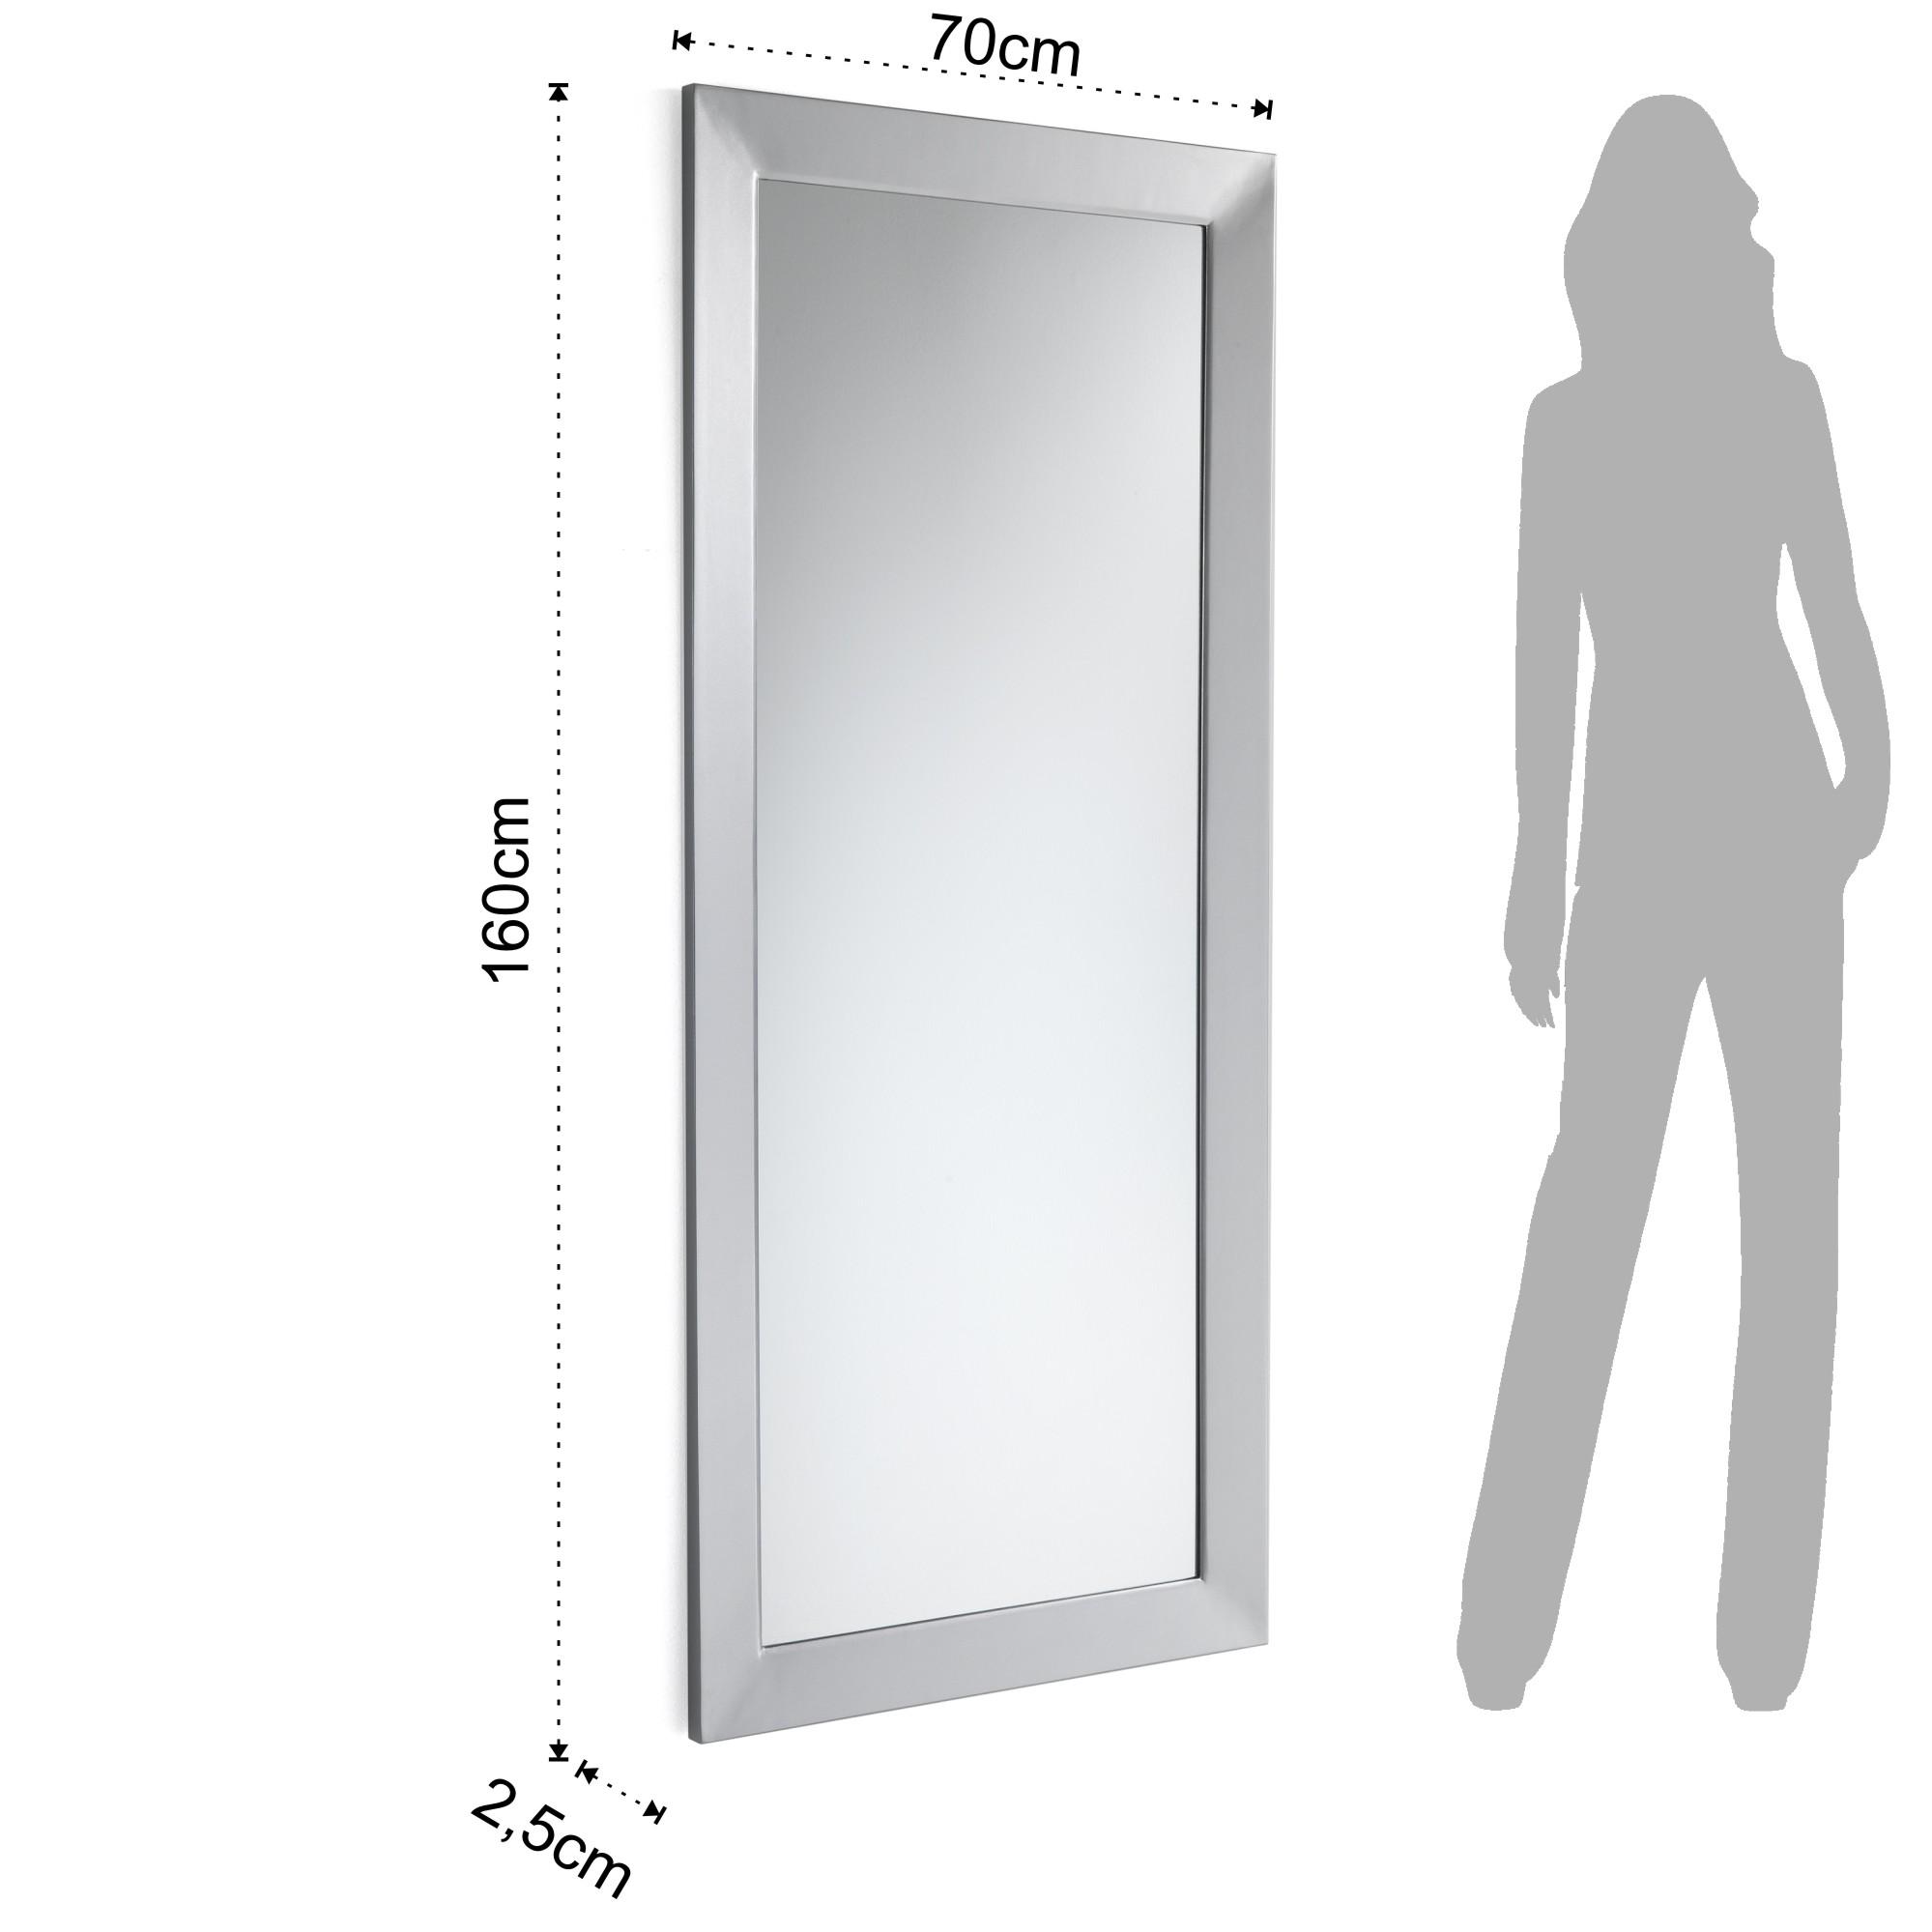 Specchi specchiera da parete york for Conforama specchi